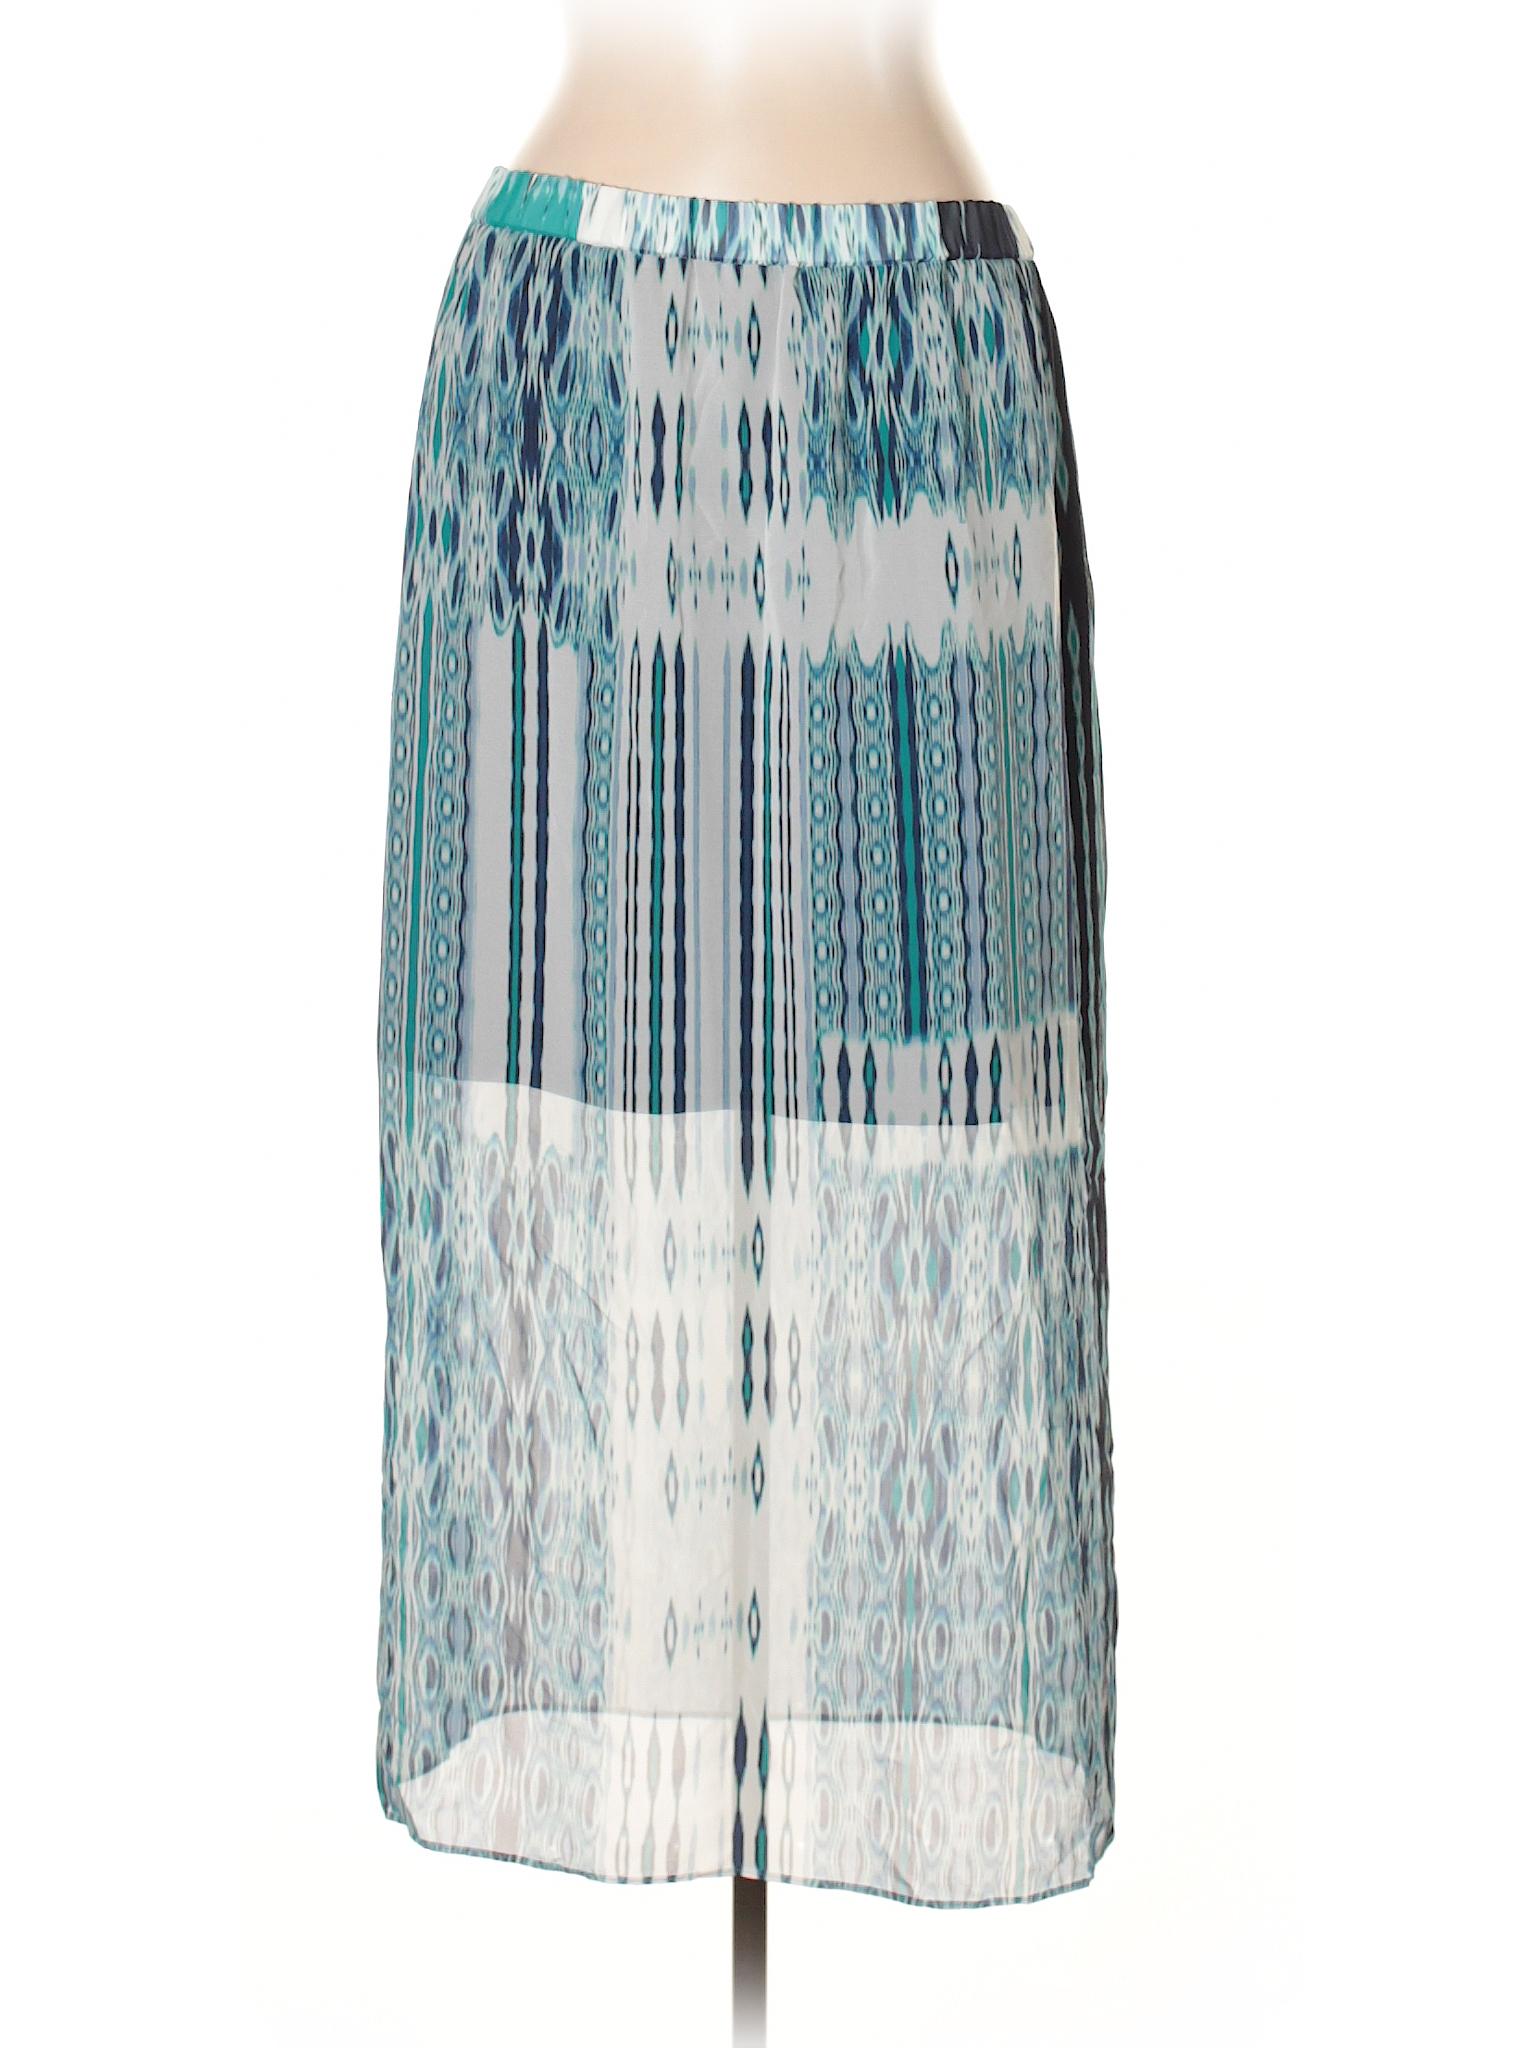 Silk Boutique Boutique Boutique Boutique Skirt Boutique Silk Silk Skirt Skirt Silk Boutique Silk Silk Skirt Skirt HAw5qRxIBn